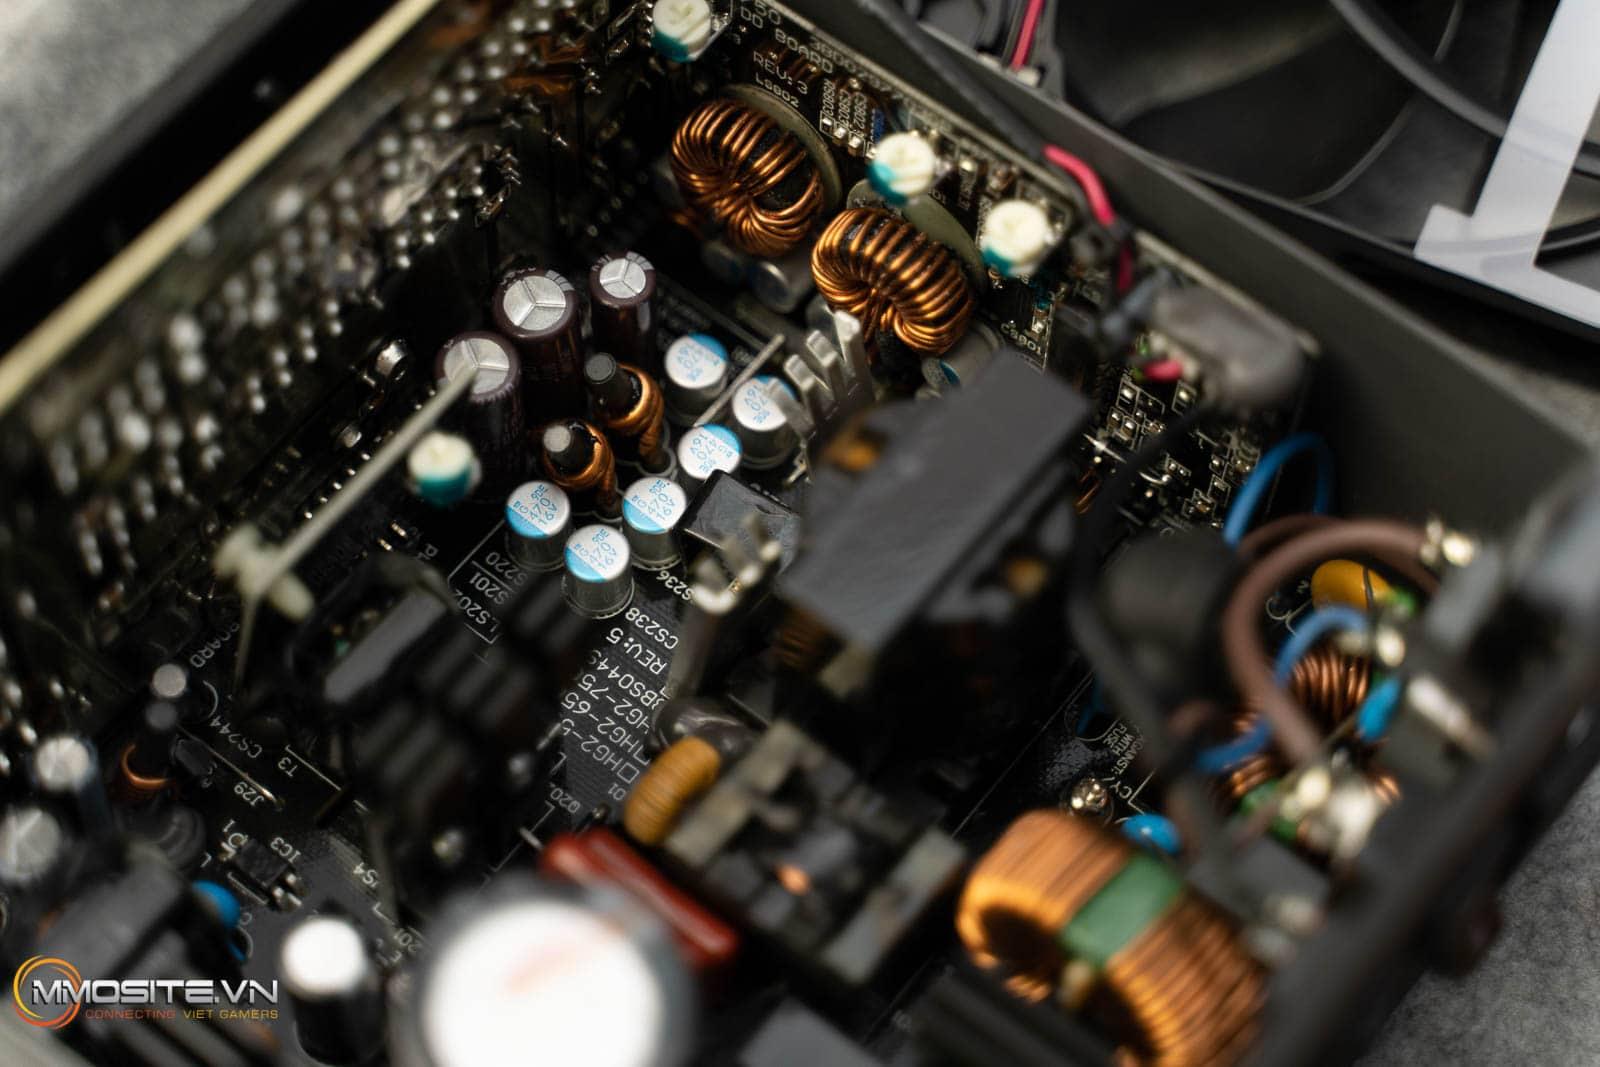 Đánh giá FSP Hydro G Pro 750W - Lựa chọn hoàn hảo cho một hệ thống ổn định